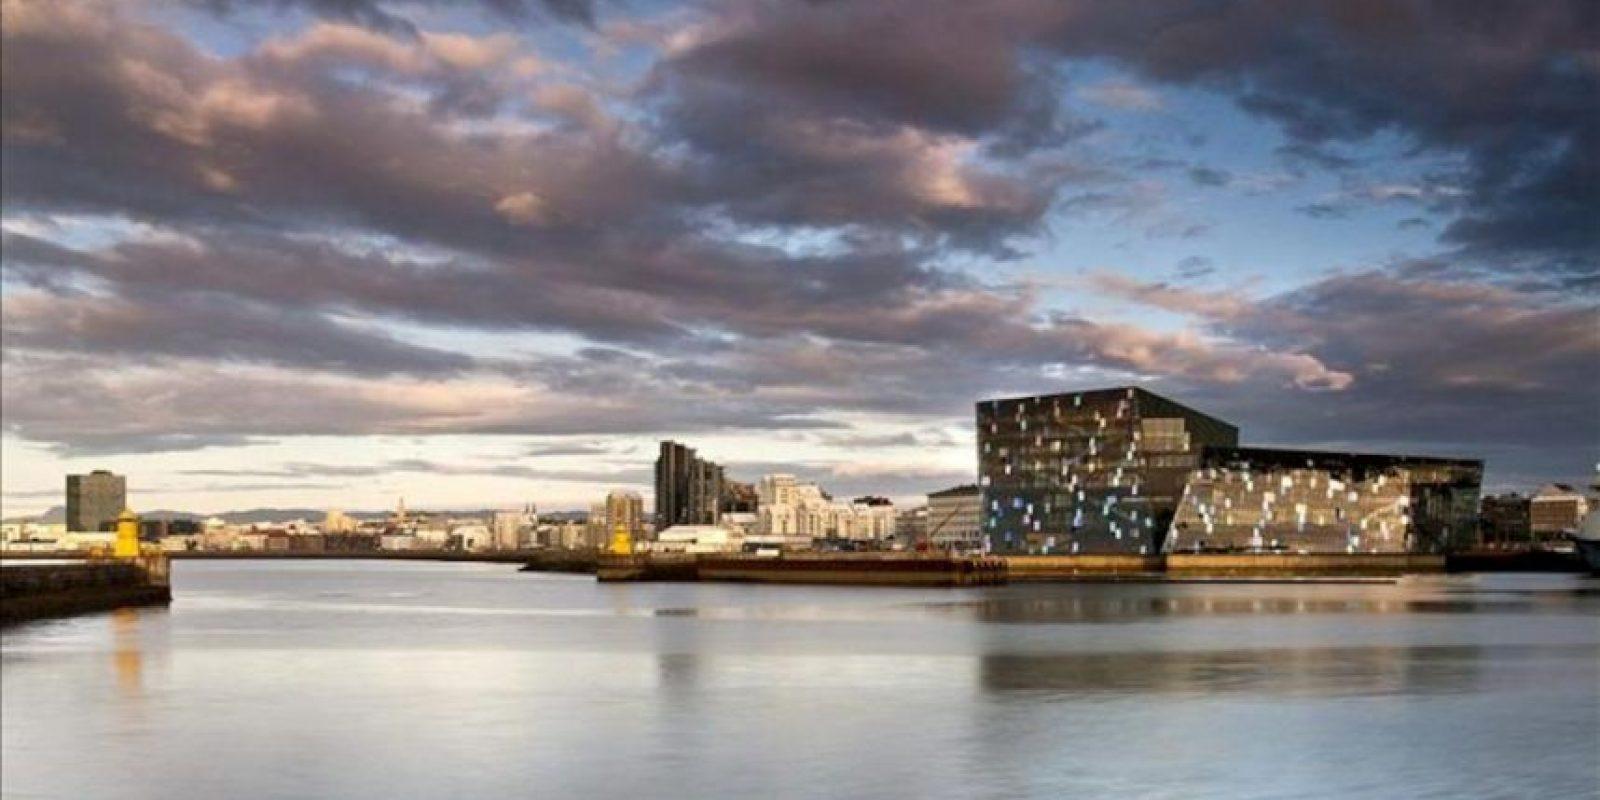 Fotografía facilitada por la Fundación Mies van der Rohe que muestra el nuevo Auditorio y Centro de Conferencias de Reikiavik, Harpa, diseñado por los estudios Henning Larsen, Batteríið Architects y Olafur Eliasson. EFE